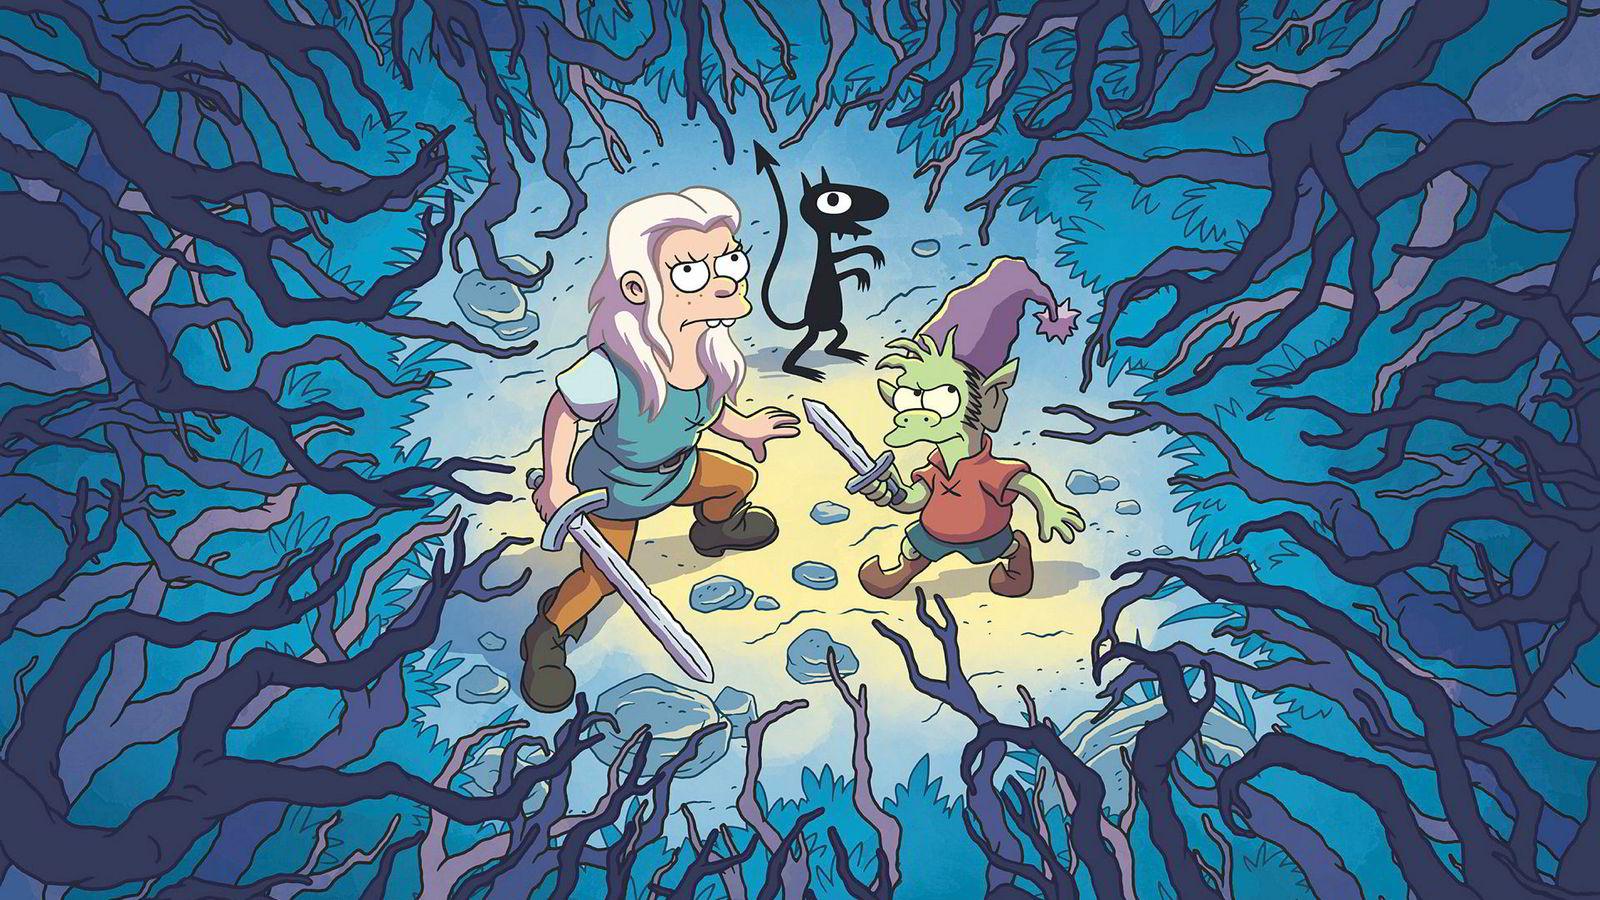 Mørkere enn «The Simpsons» og like eventyrlig som «Futurama»: Bean (Abbi Jacobson) er ikke akkurat en Disney-prinsesse i Netflix' nye animasjonsserie «Disenchantment».